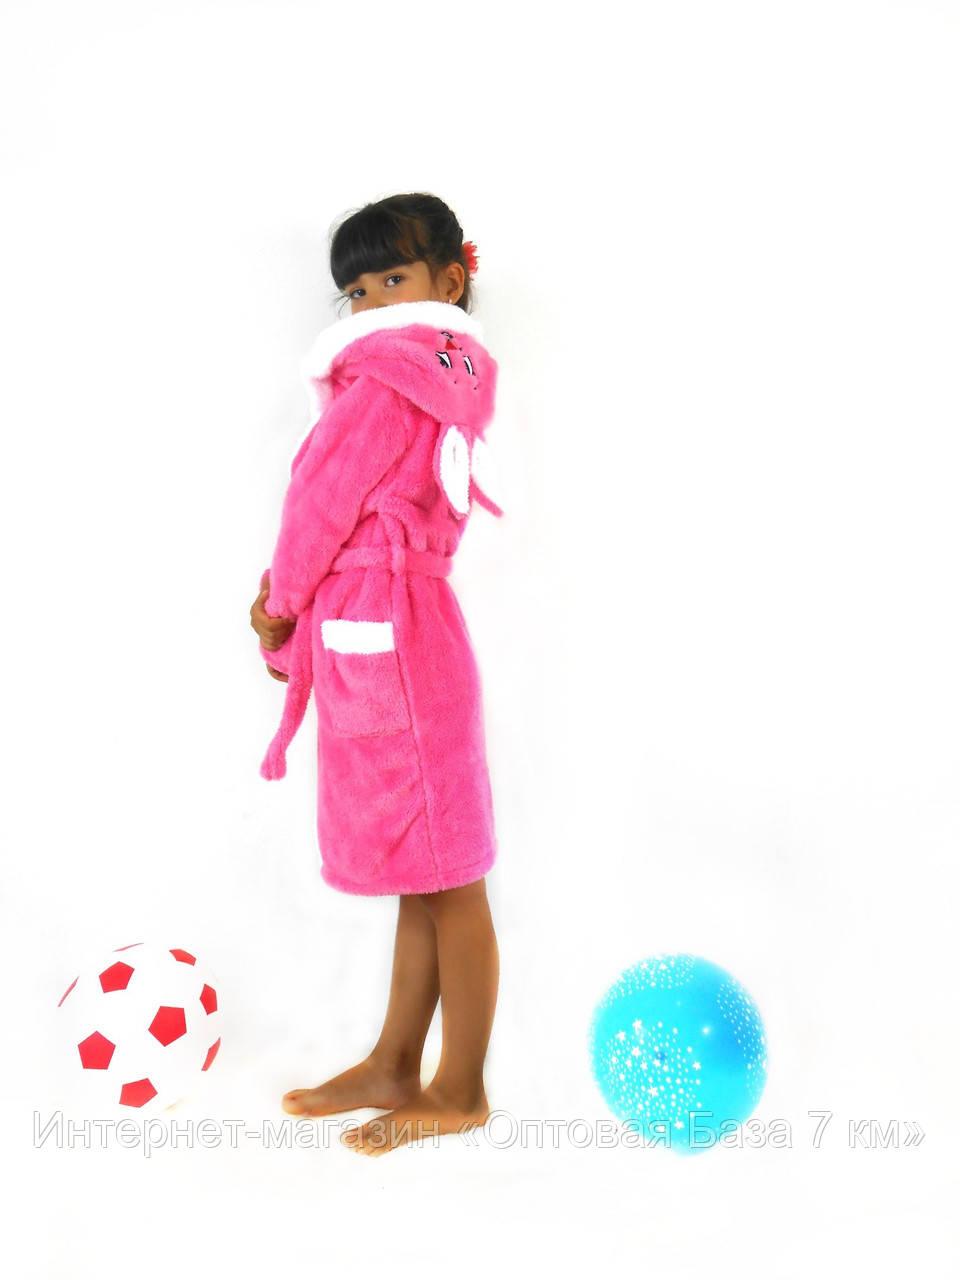 Халат детский (90-98, 100-110, 120-125) — махра купить оптом и в Розницу в одессе 7км - Интернет-магазин «Оптовая База 7 км» в Одессе